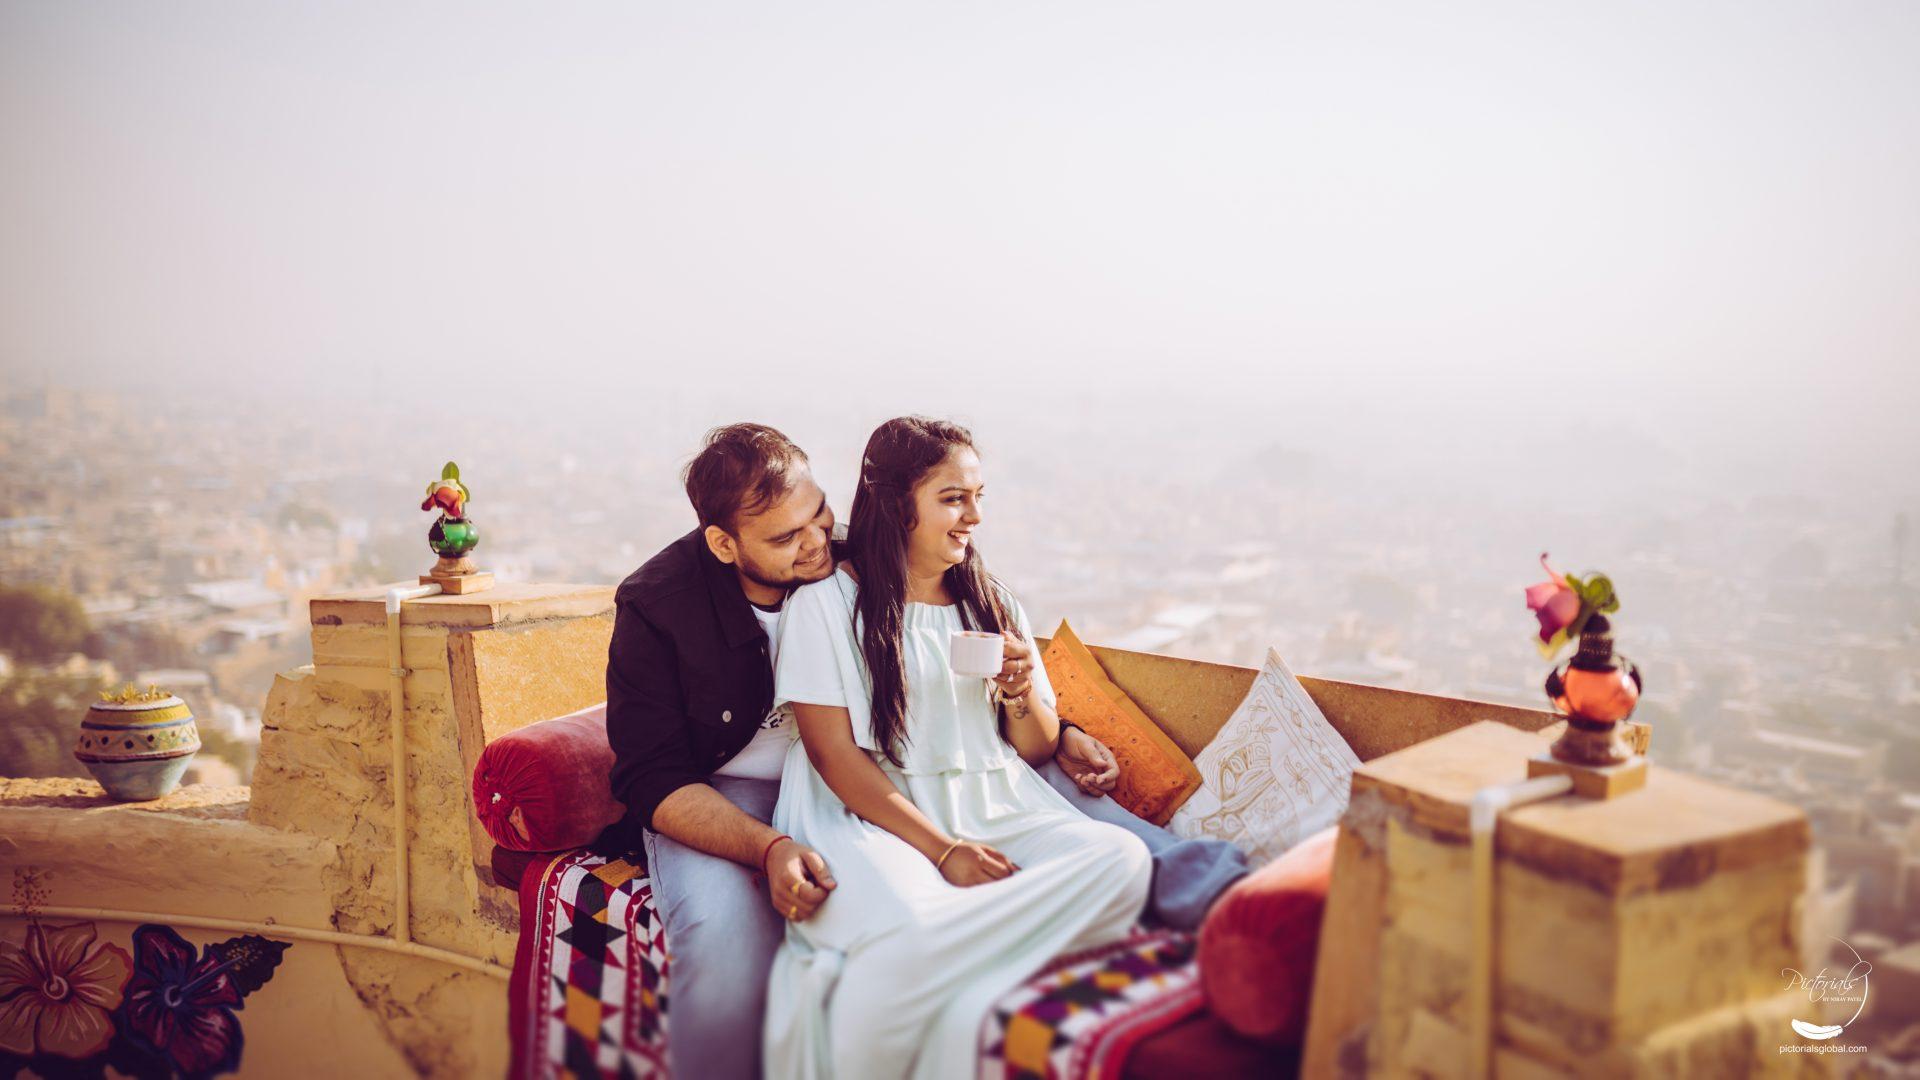 pre-wedding photoshoot in Jaisalmer